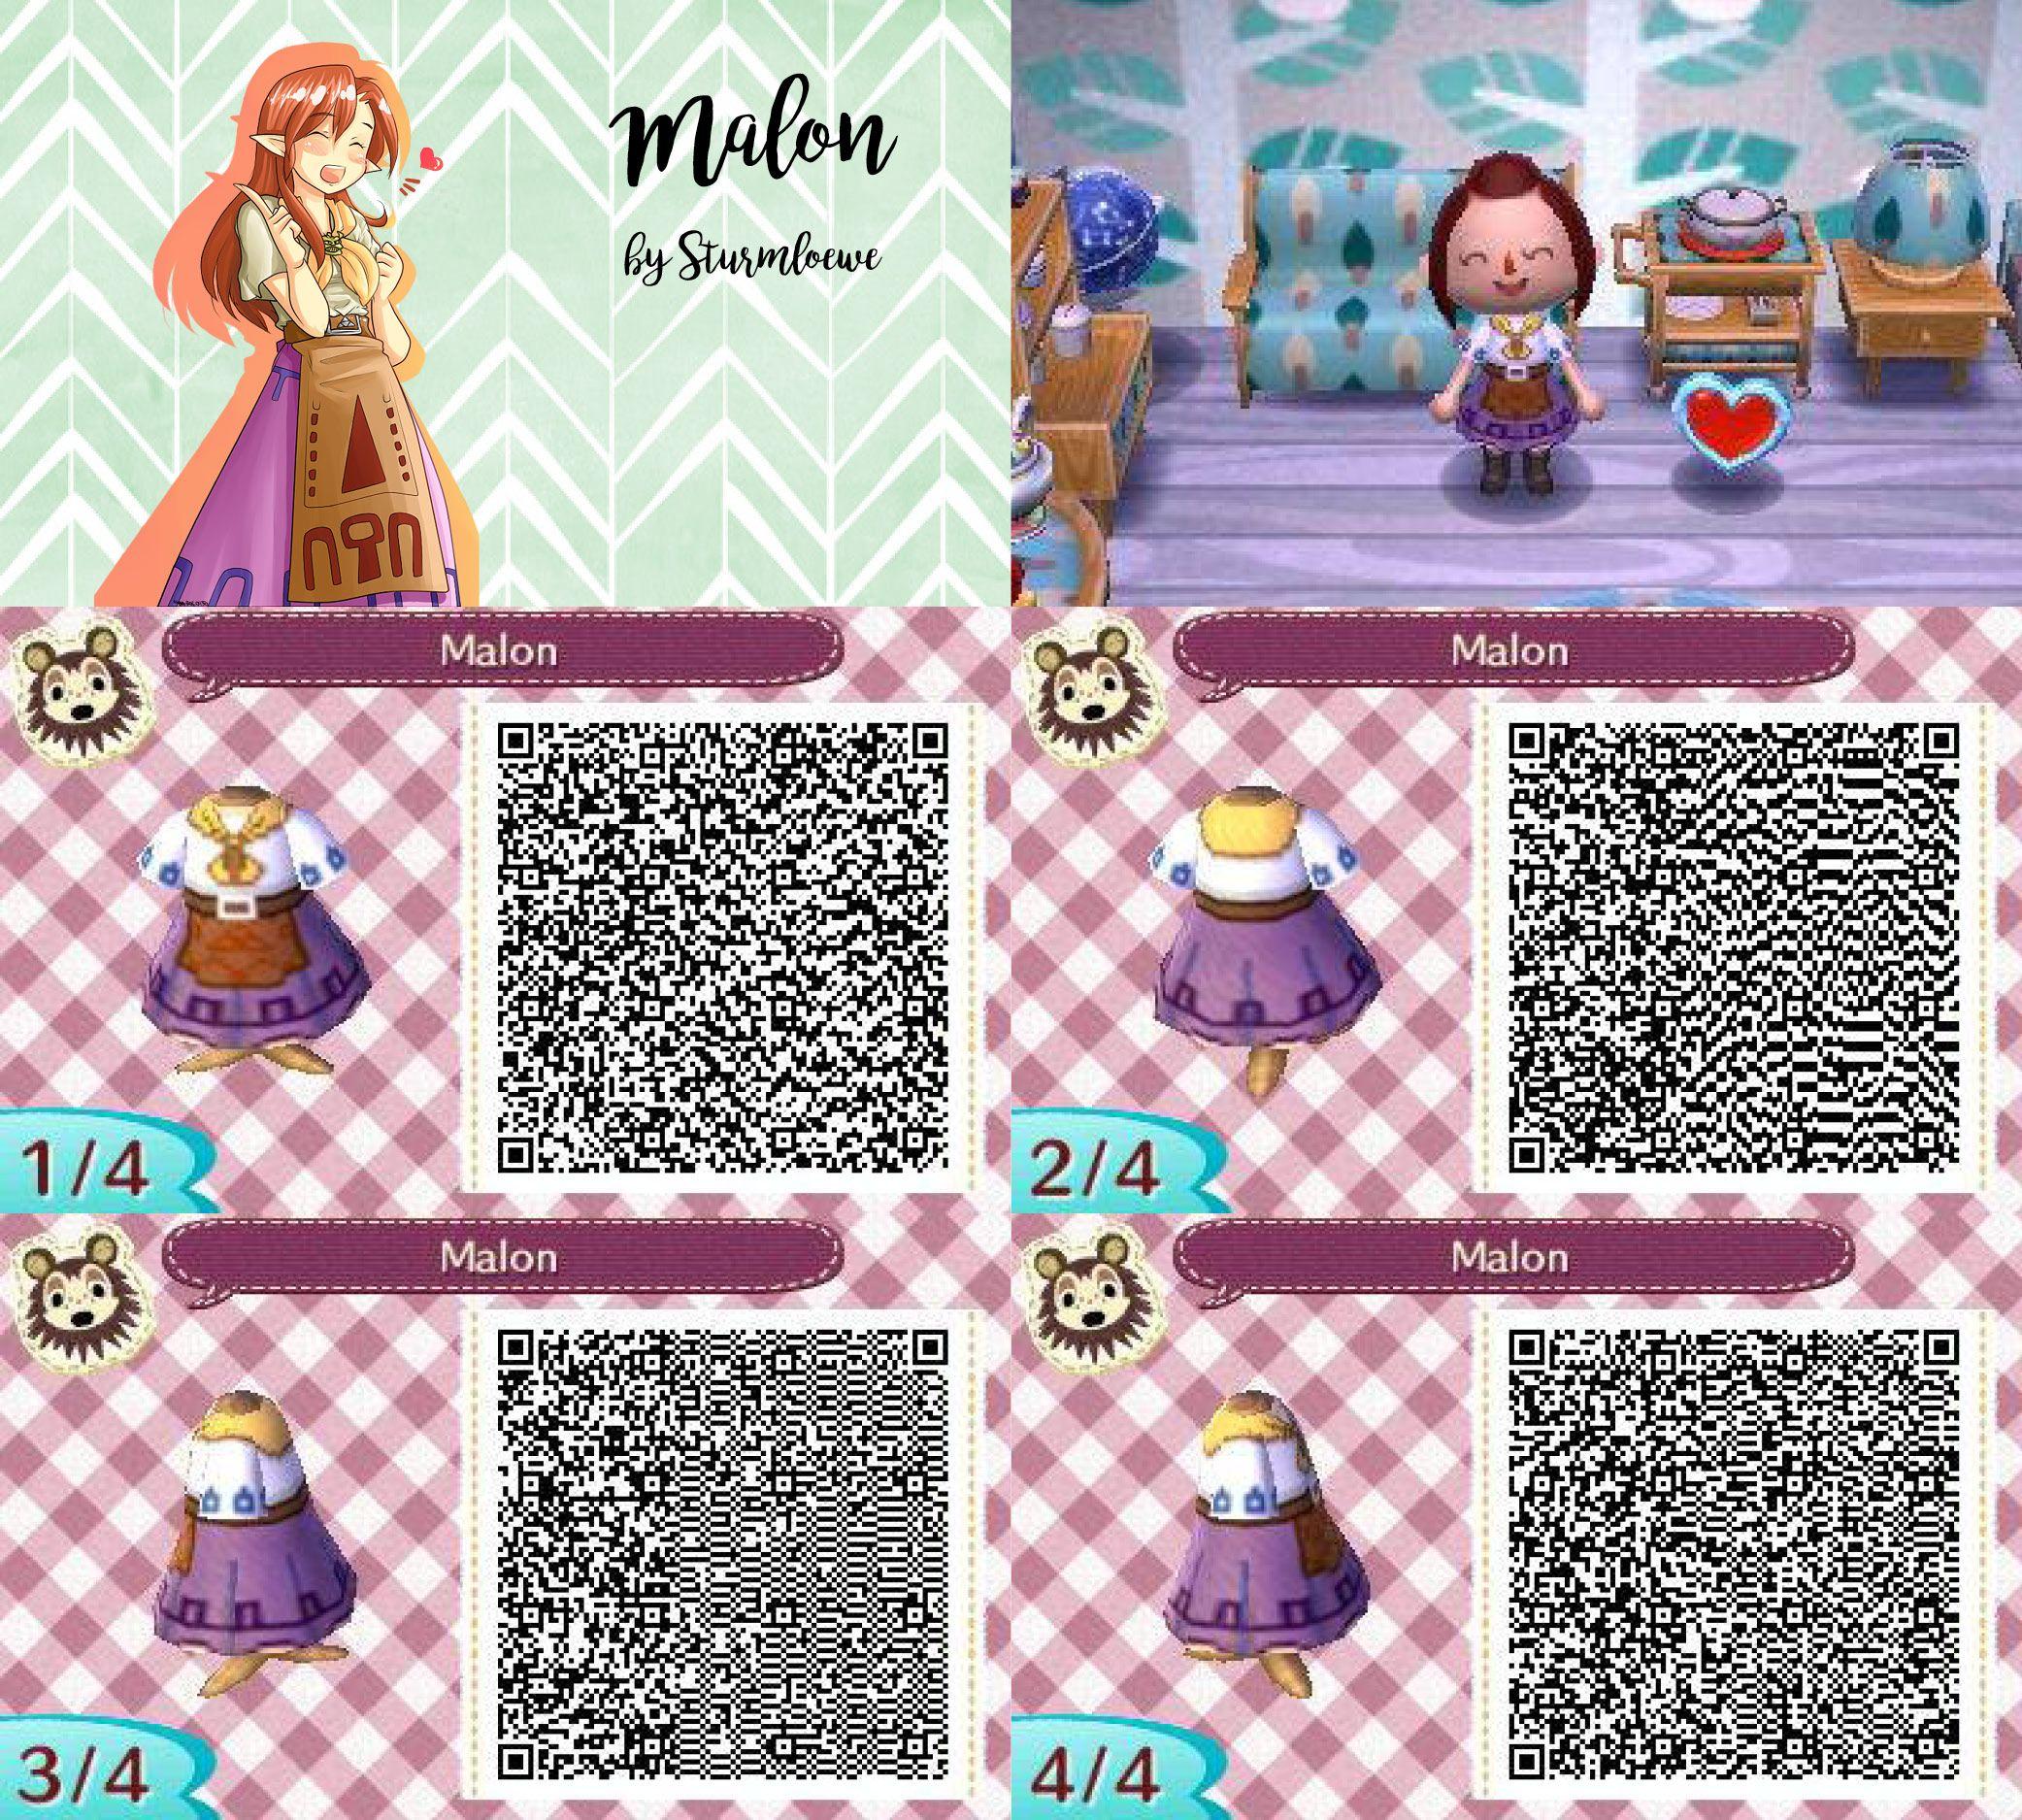 F6b77925aff92ba018bca85feb6671a5 Jpg 2083 1875 Animal Crossing 3ds Animal Crossing Qr Codes Animal Crossing